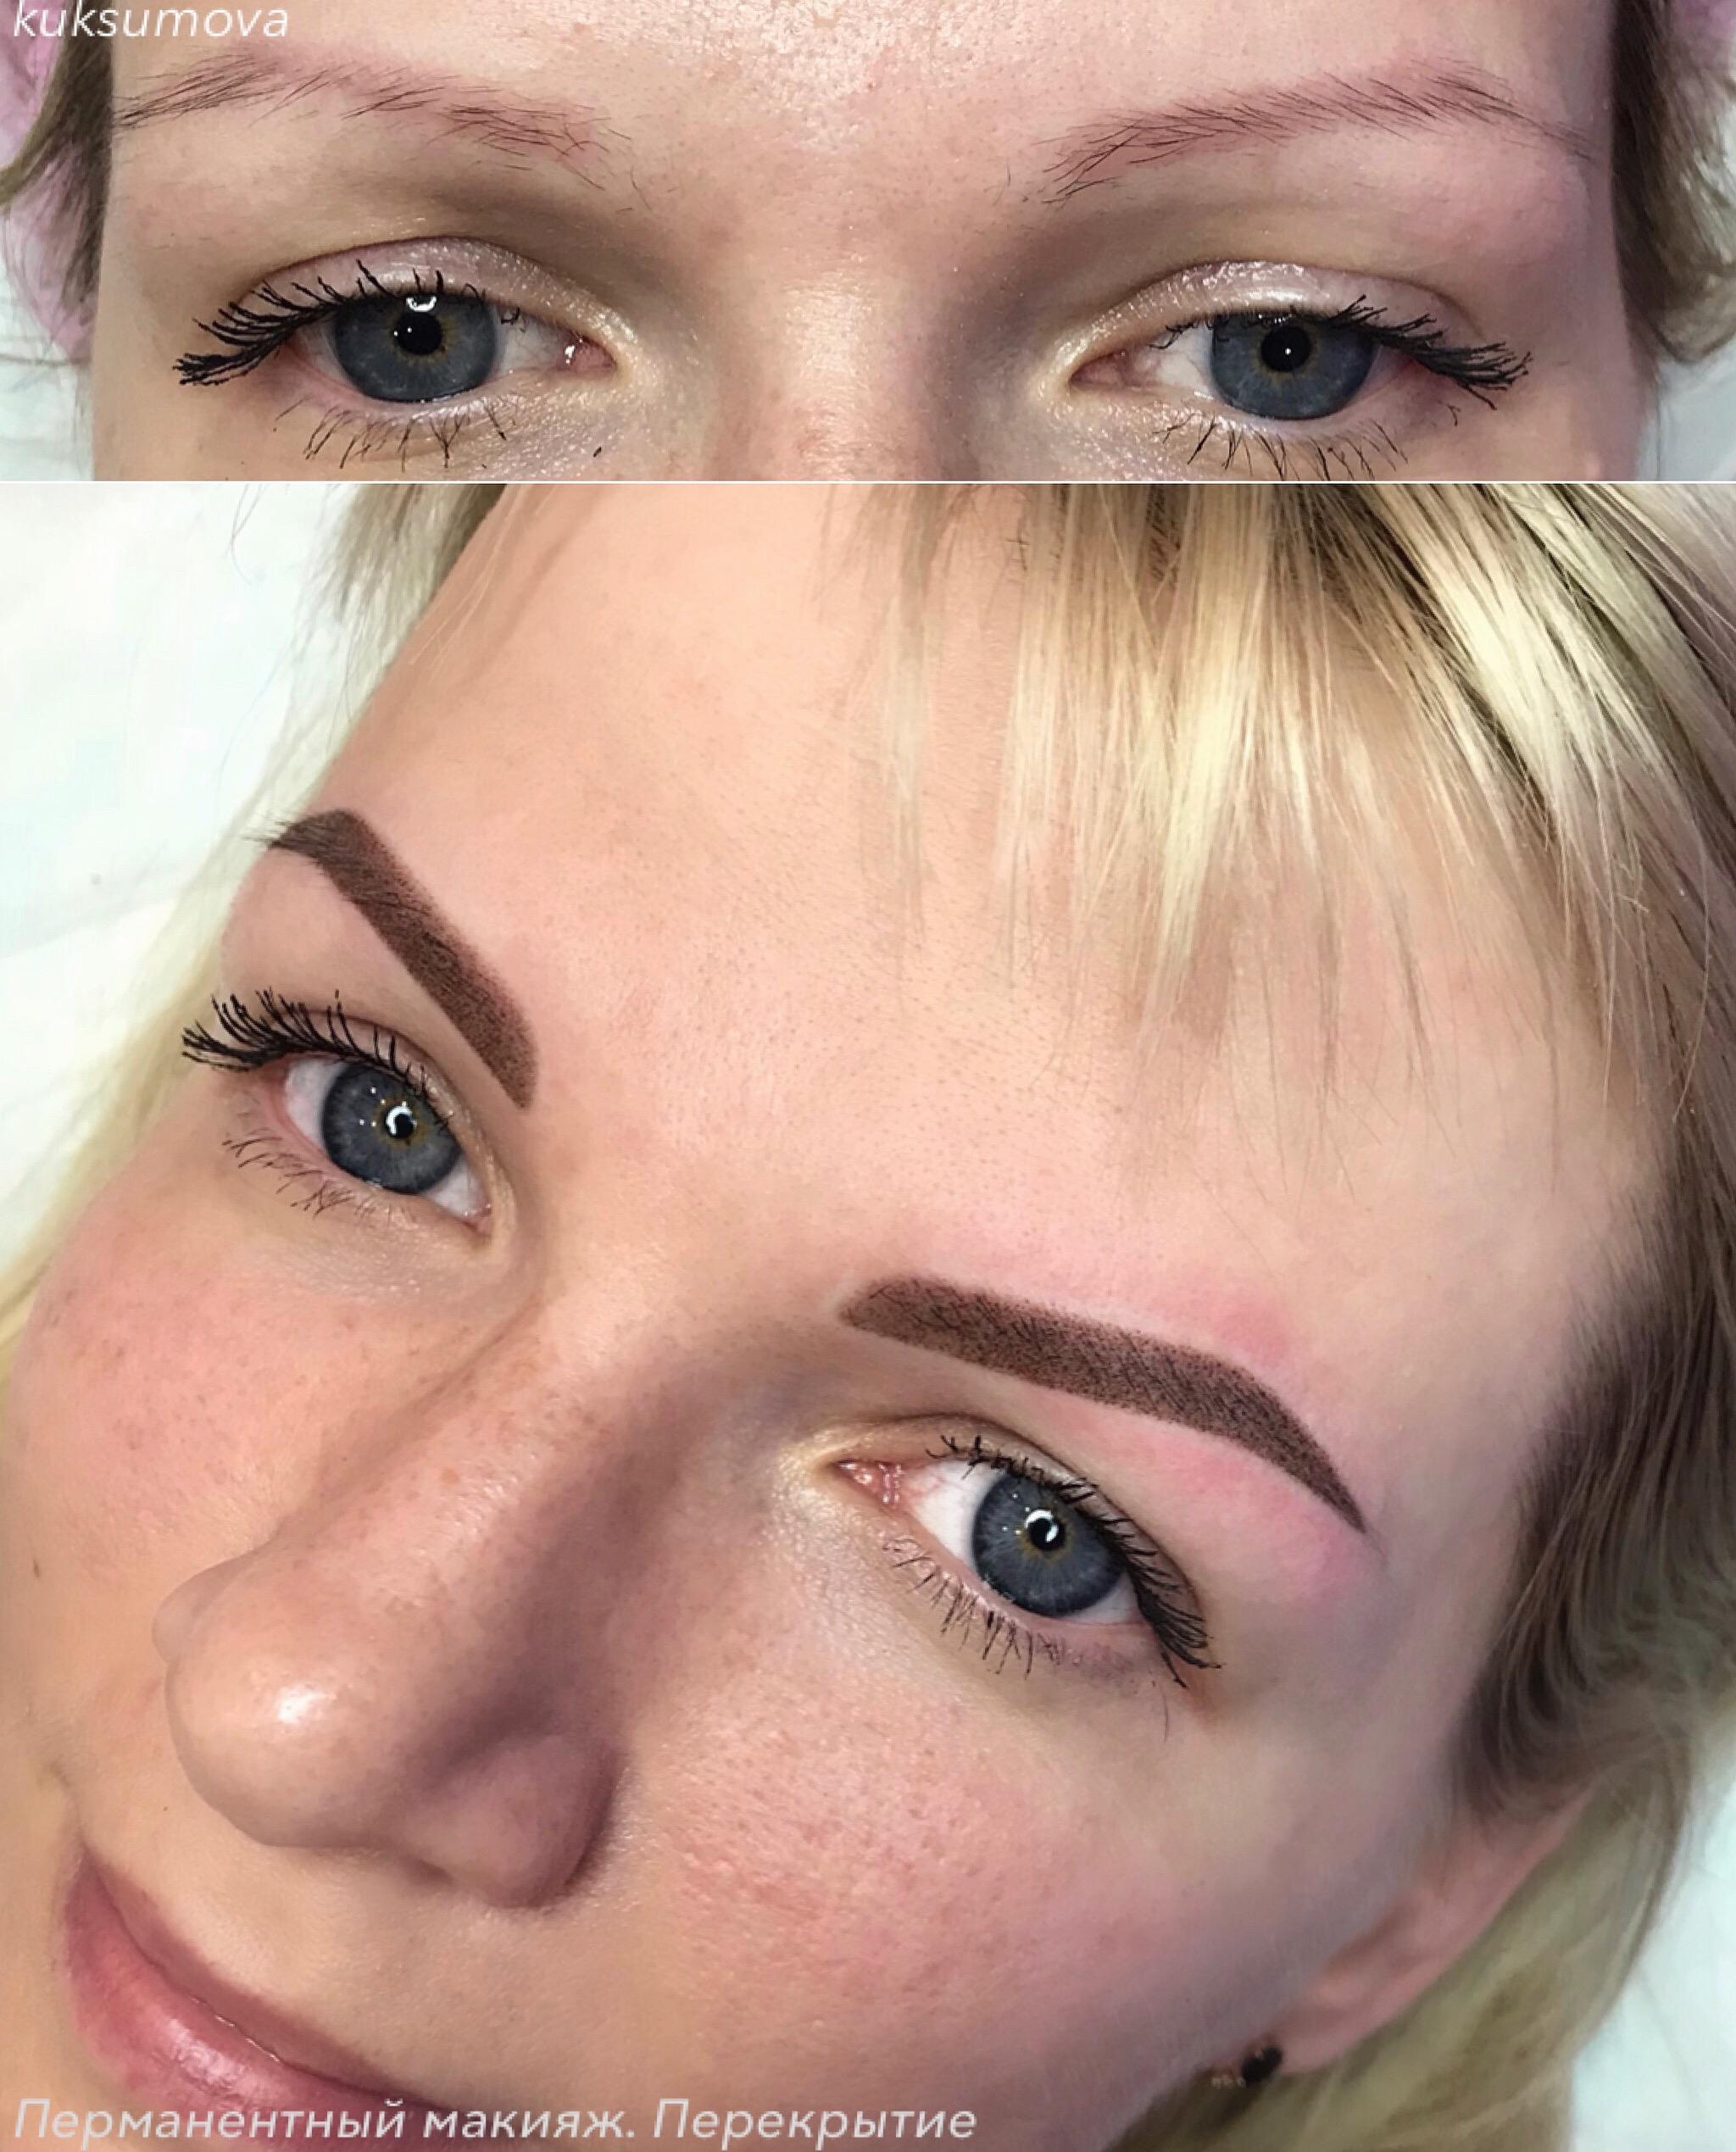 Фото с татуажем до и после перекрытия